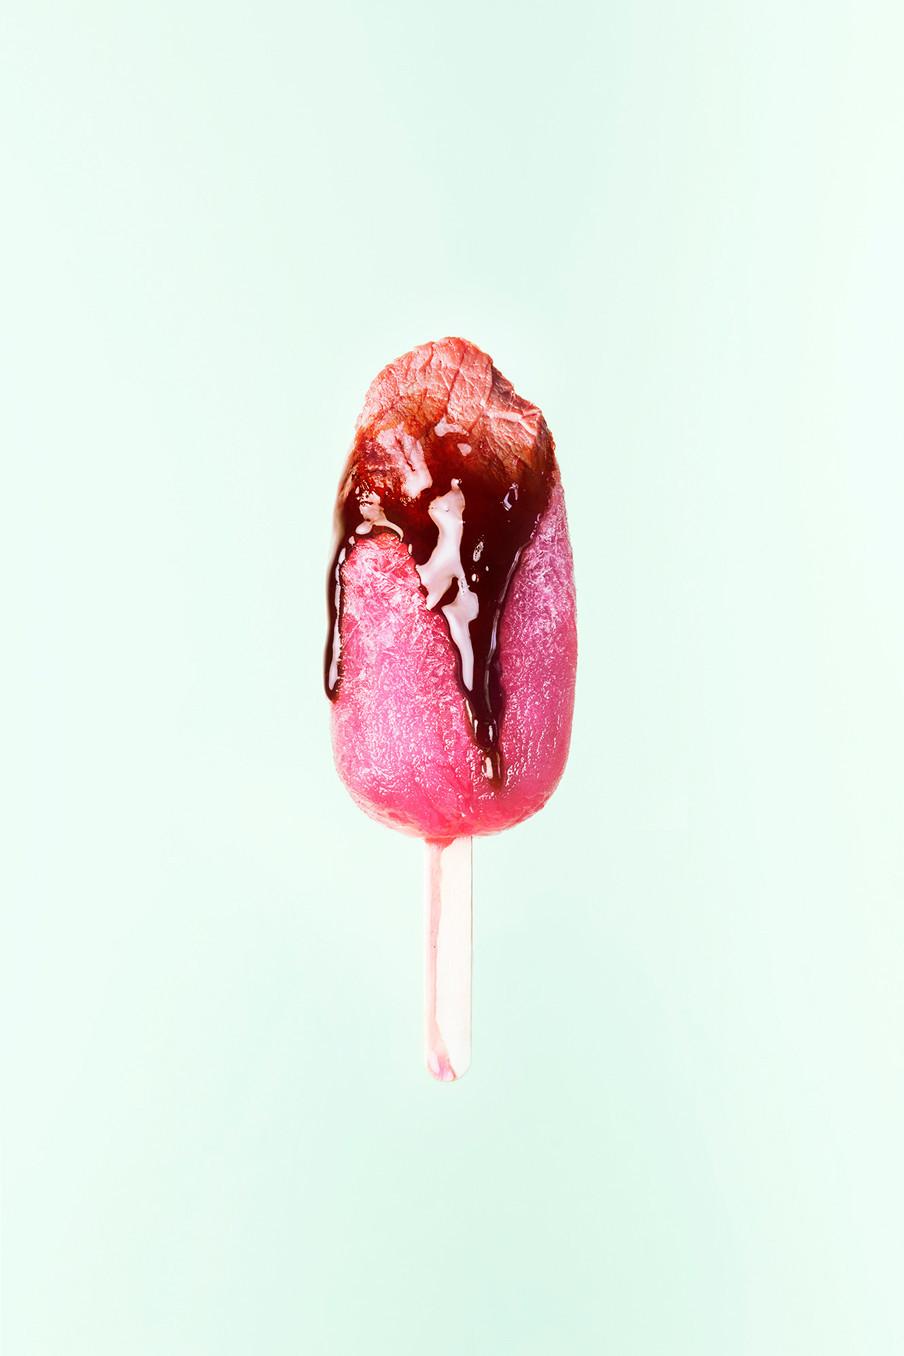 'Sweet Sensation', uit de serie 'Consumerism'. Beeld: Lizette Schaap